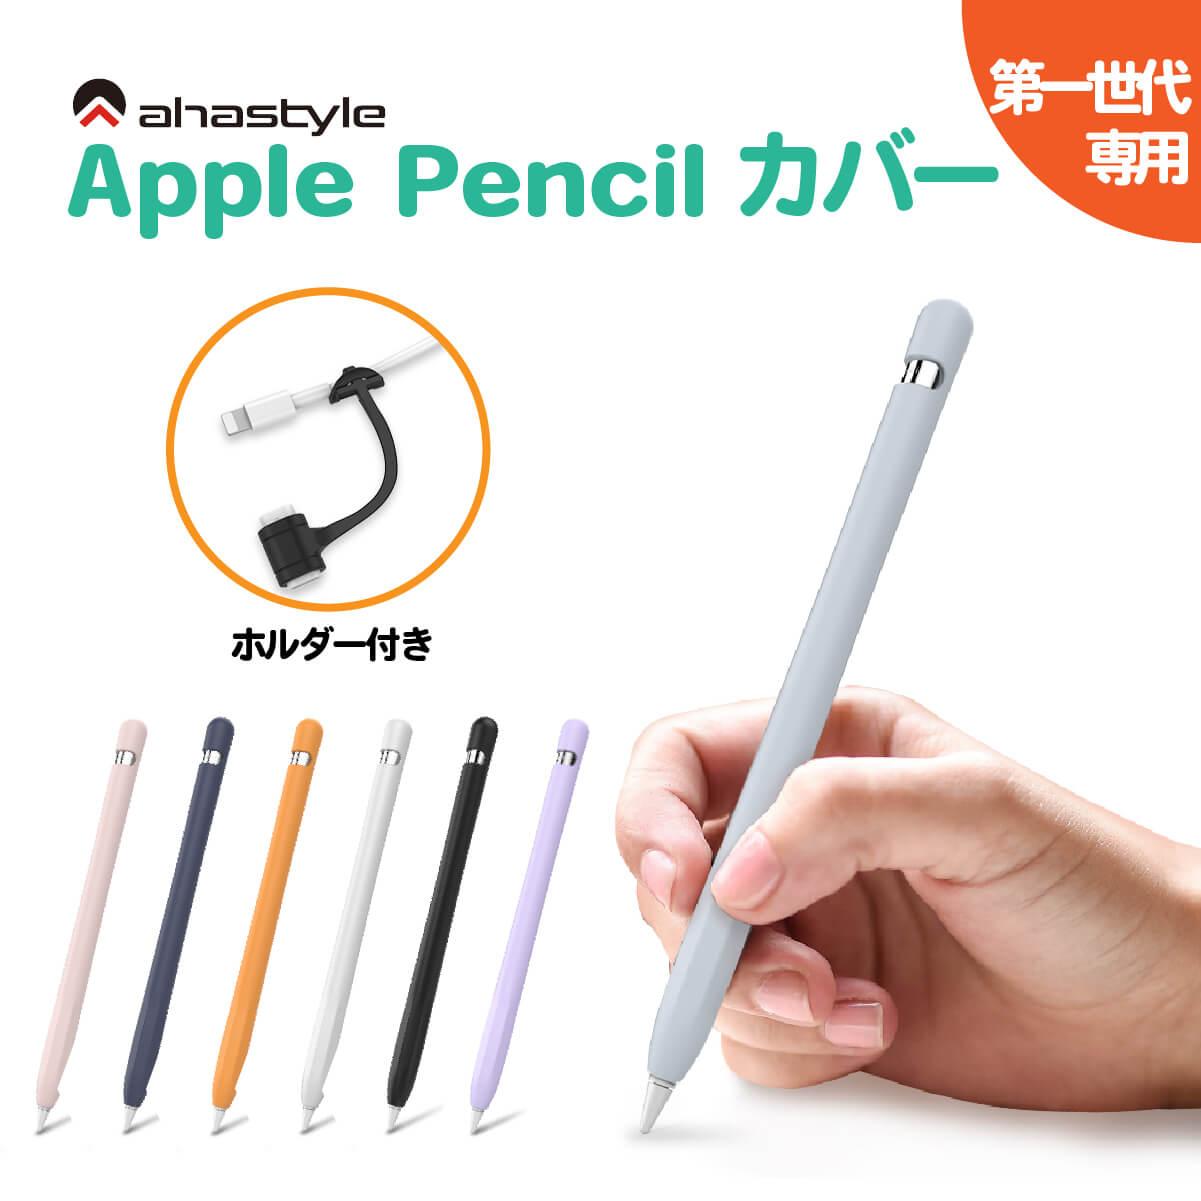 グリップ力がぐんとアップする メーカー直送 Apple Pencilケース 第一世代専用 Pencil カバー ケース 第一世代 アップルペンシル 第1世代 一体型 おしゃれ グリップ 紛失防止 かわいい 滑り止め プレゼント開催中 アハスタイル レビュー キャップ シリコン ストアー AHAStyle